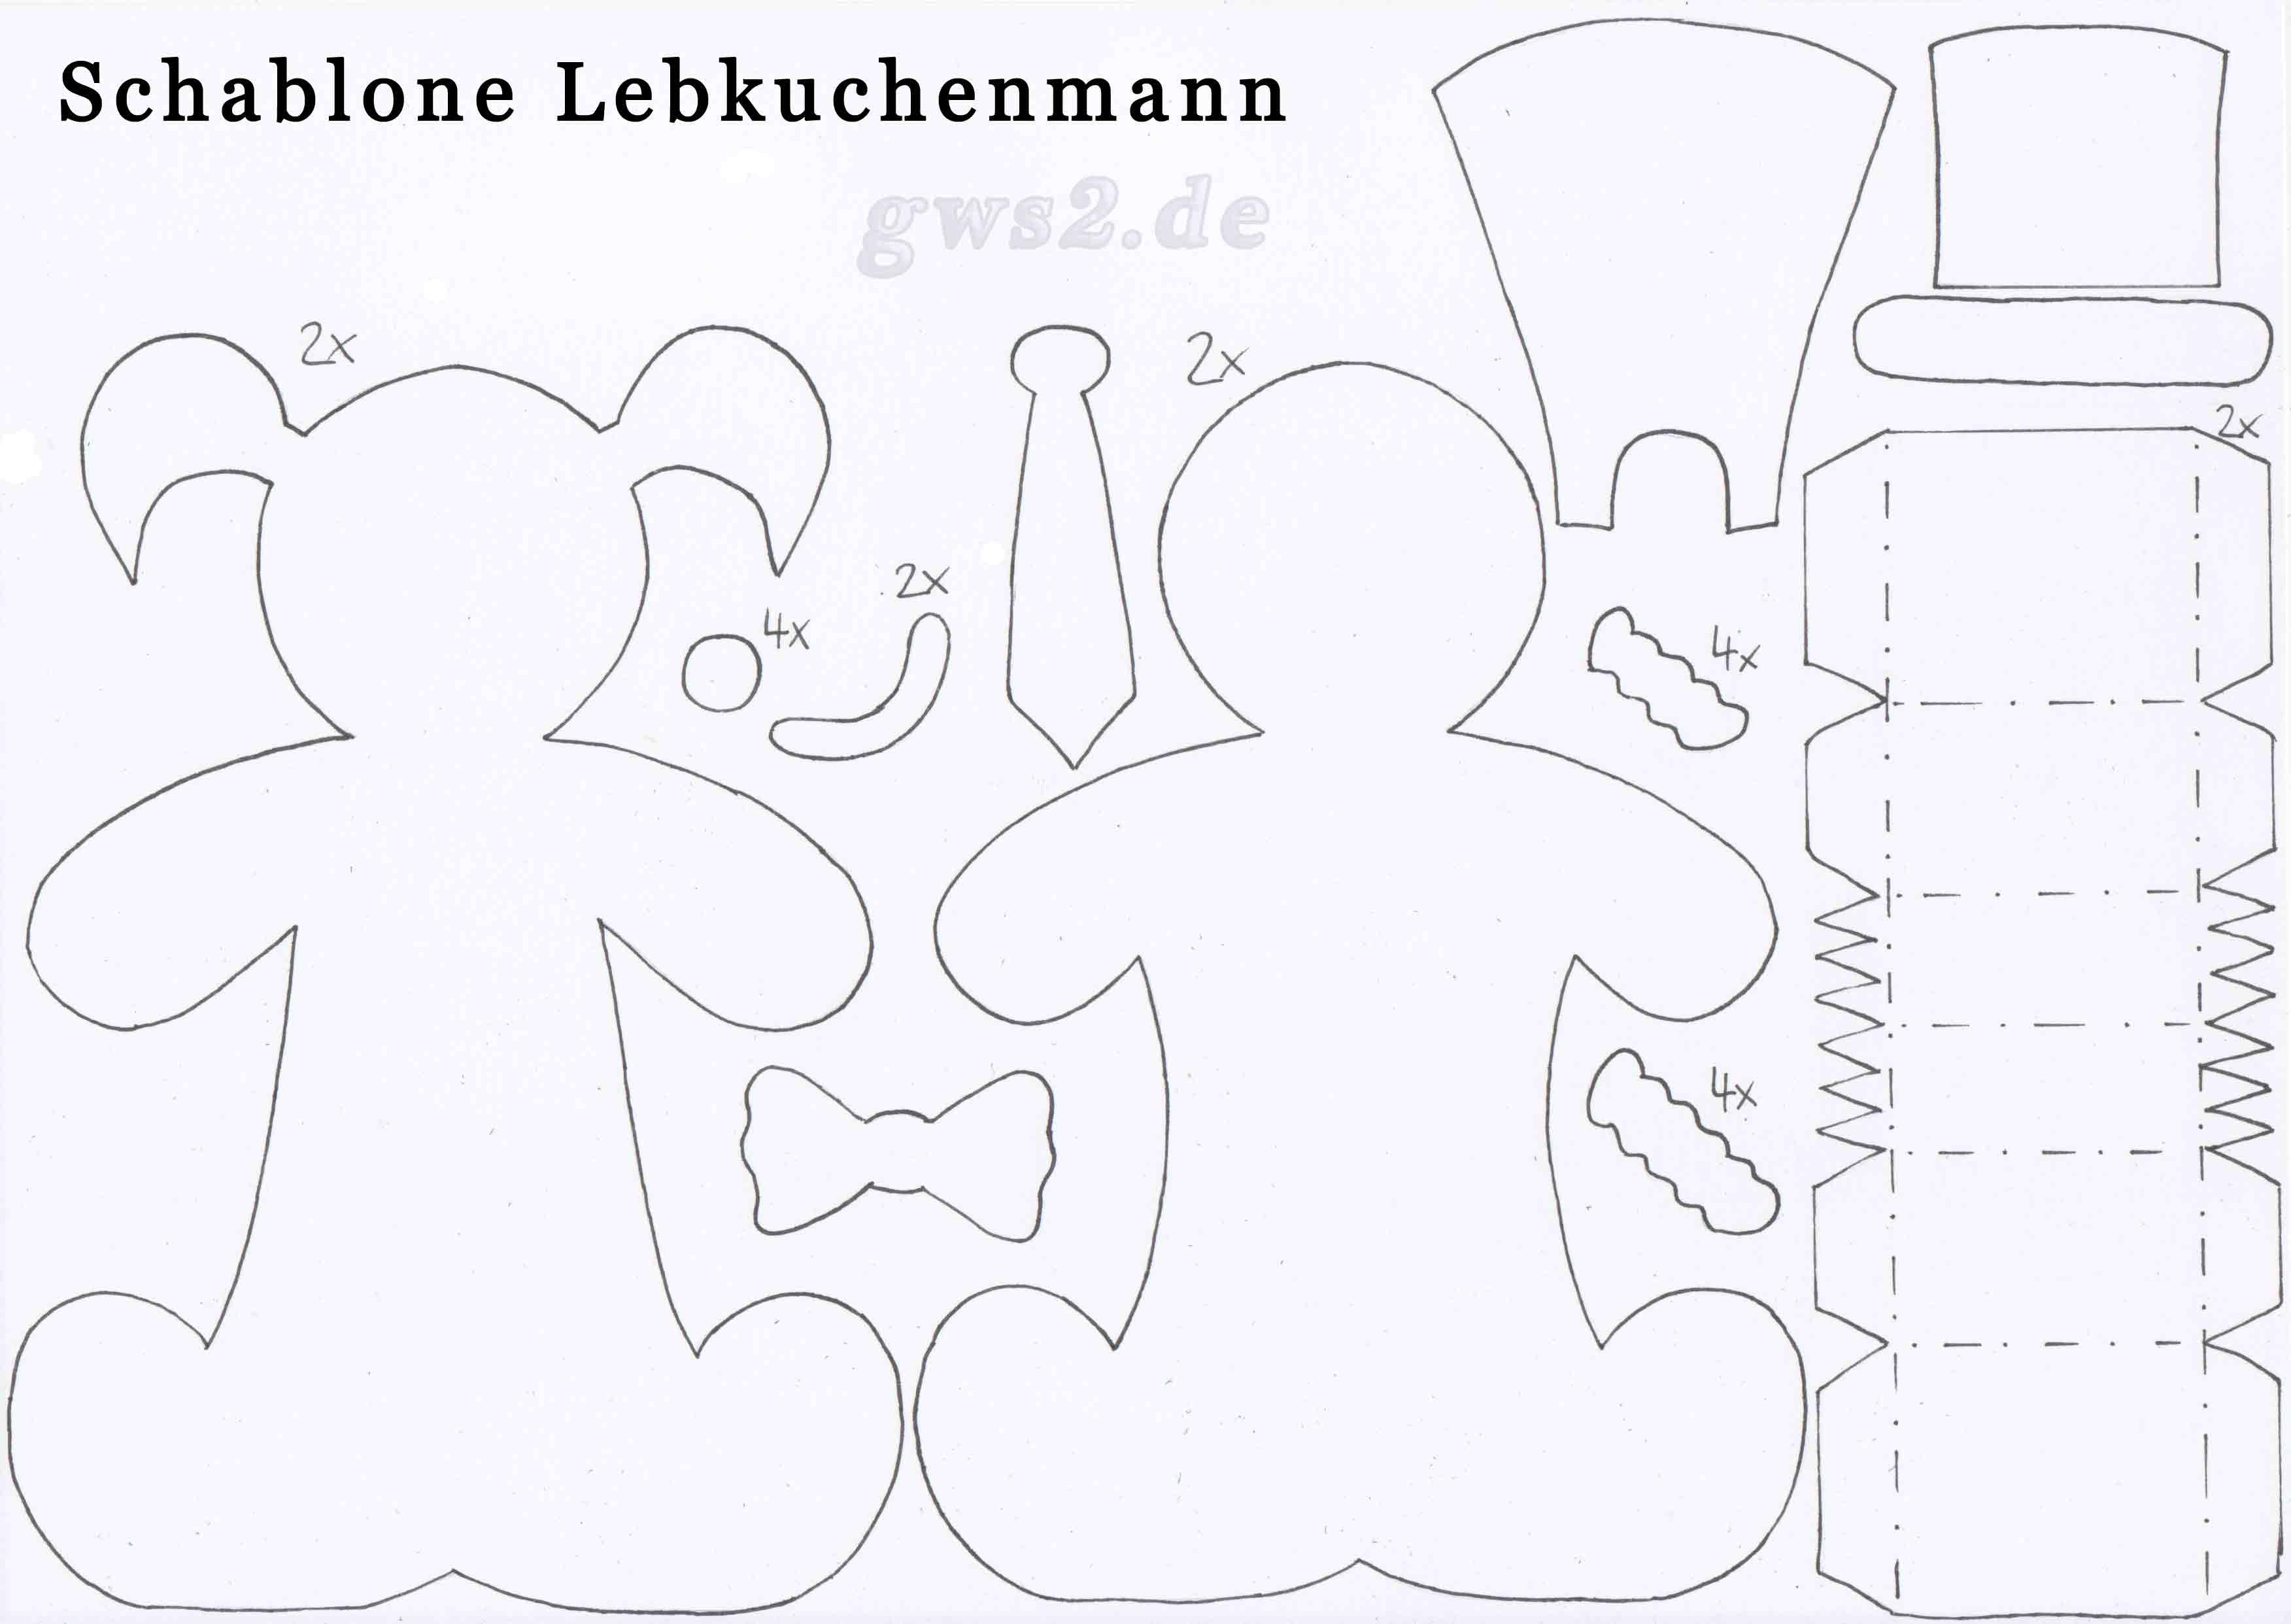 Fein Lebkuchenmann Zeichnung Vorlage Zeitgenössisch - Entry Level ...